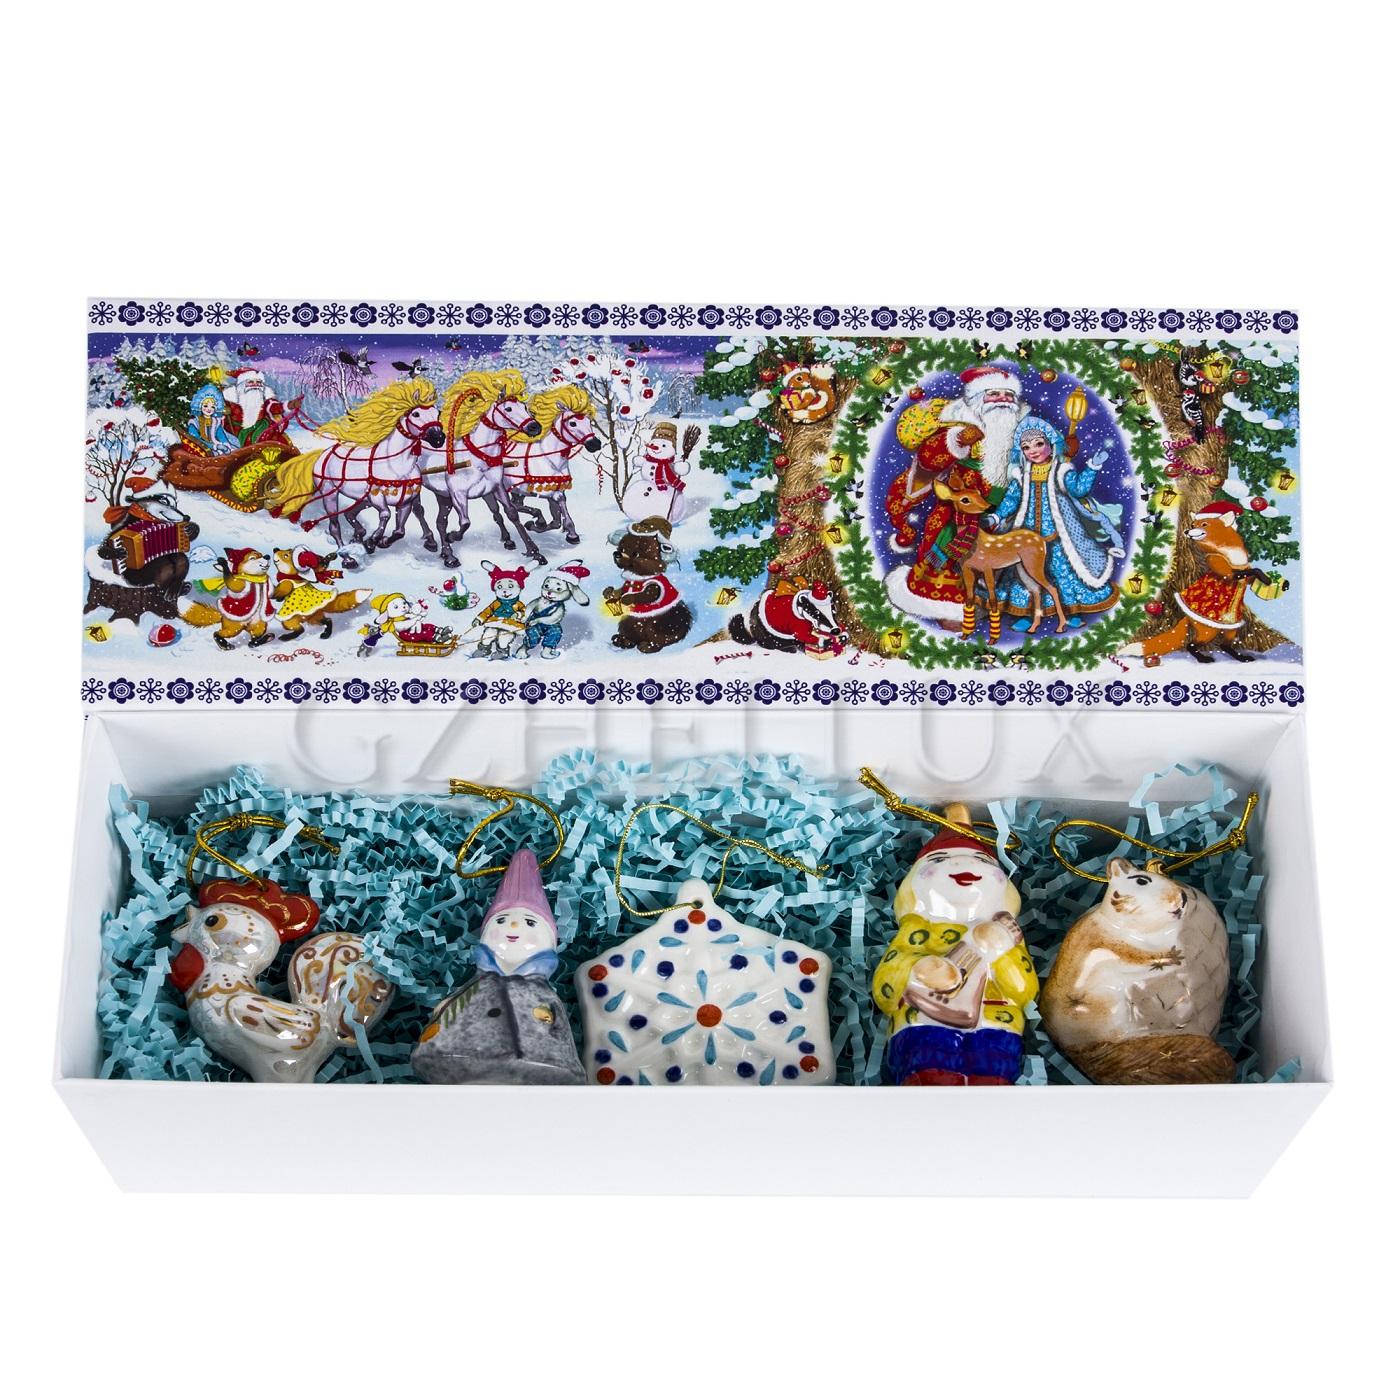 Набор ёлочных игрушек «Сказочный» в красках